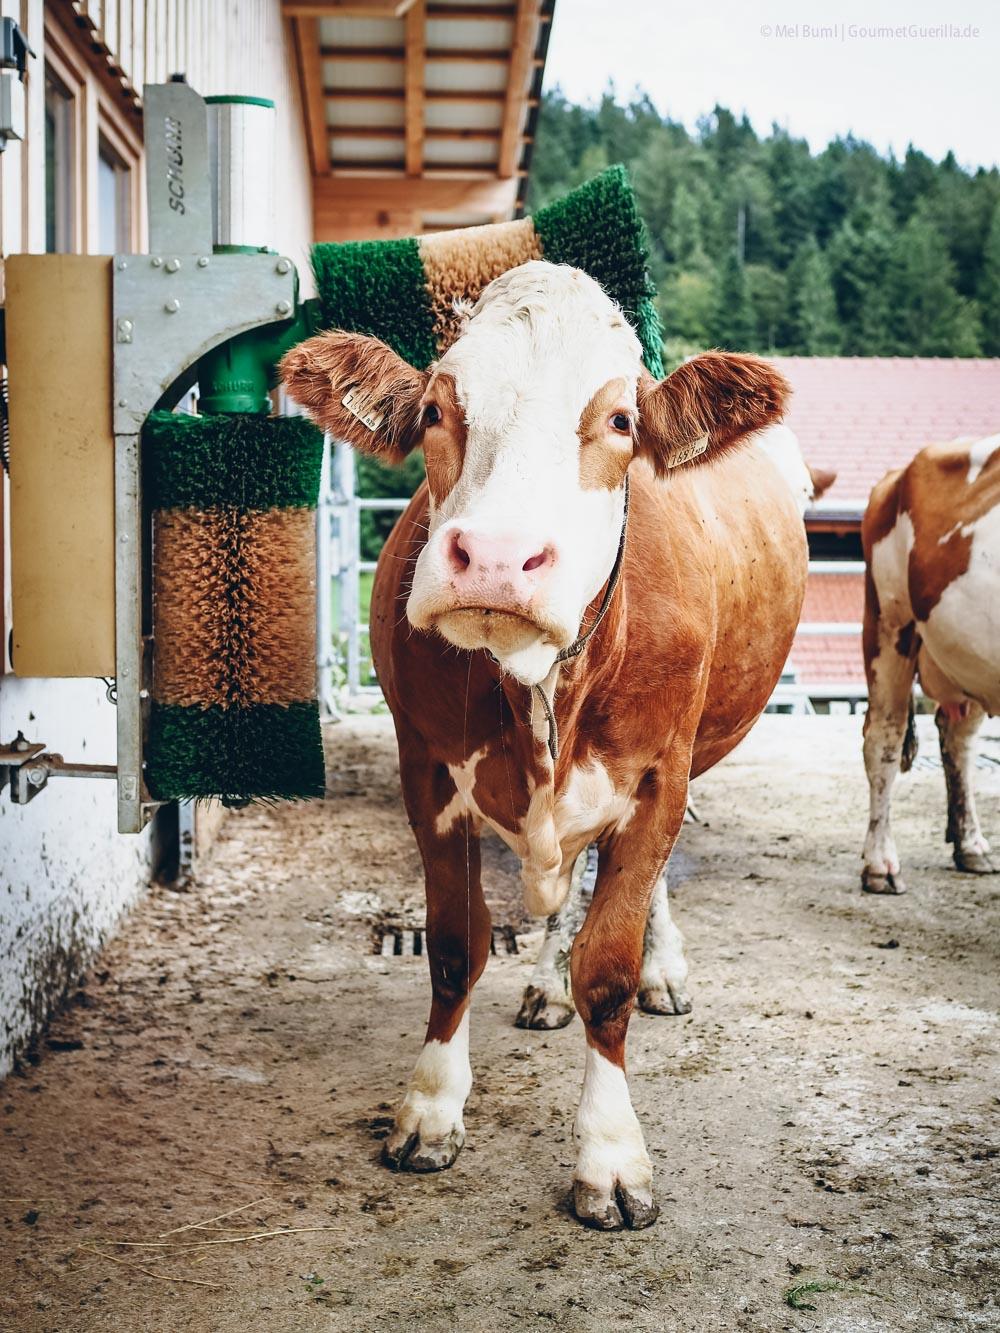 Massagebürste Laufstall Heumilchkühe Ahornhof Österreich Sennermeetsblogger | GourmetGuerilla.de